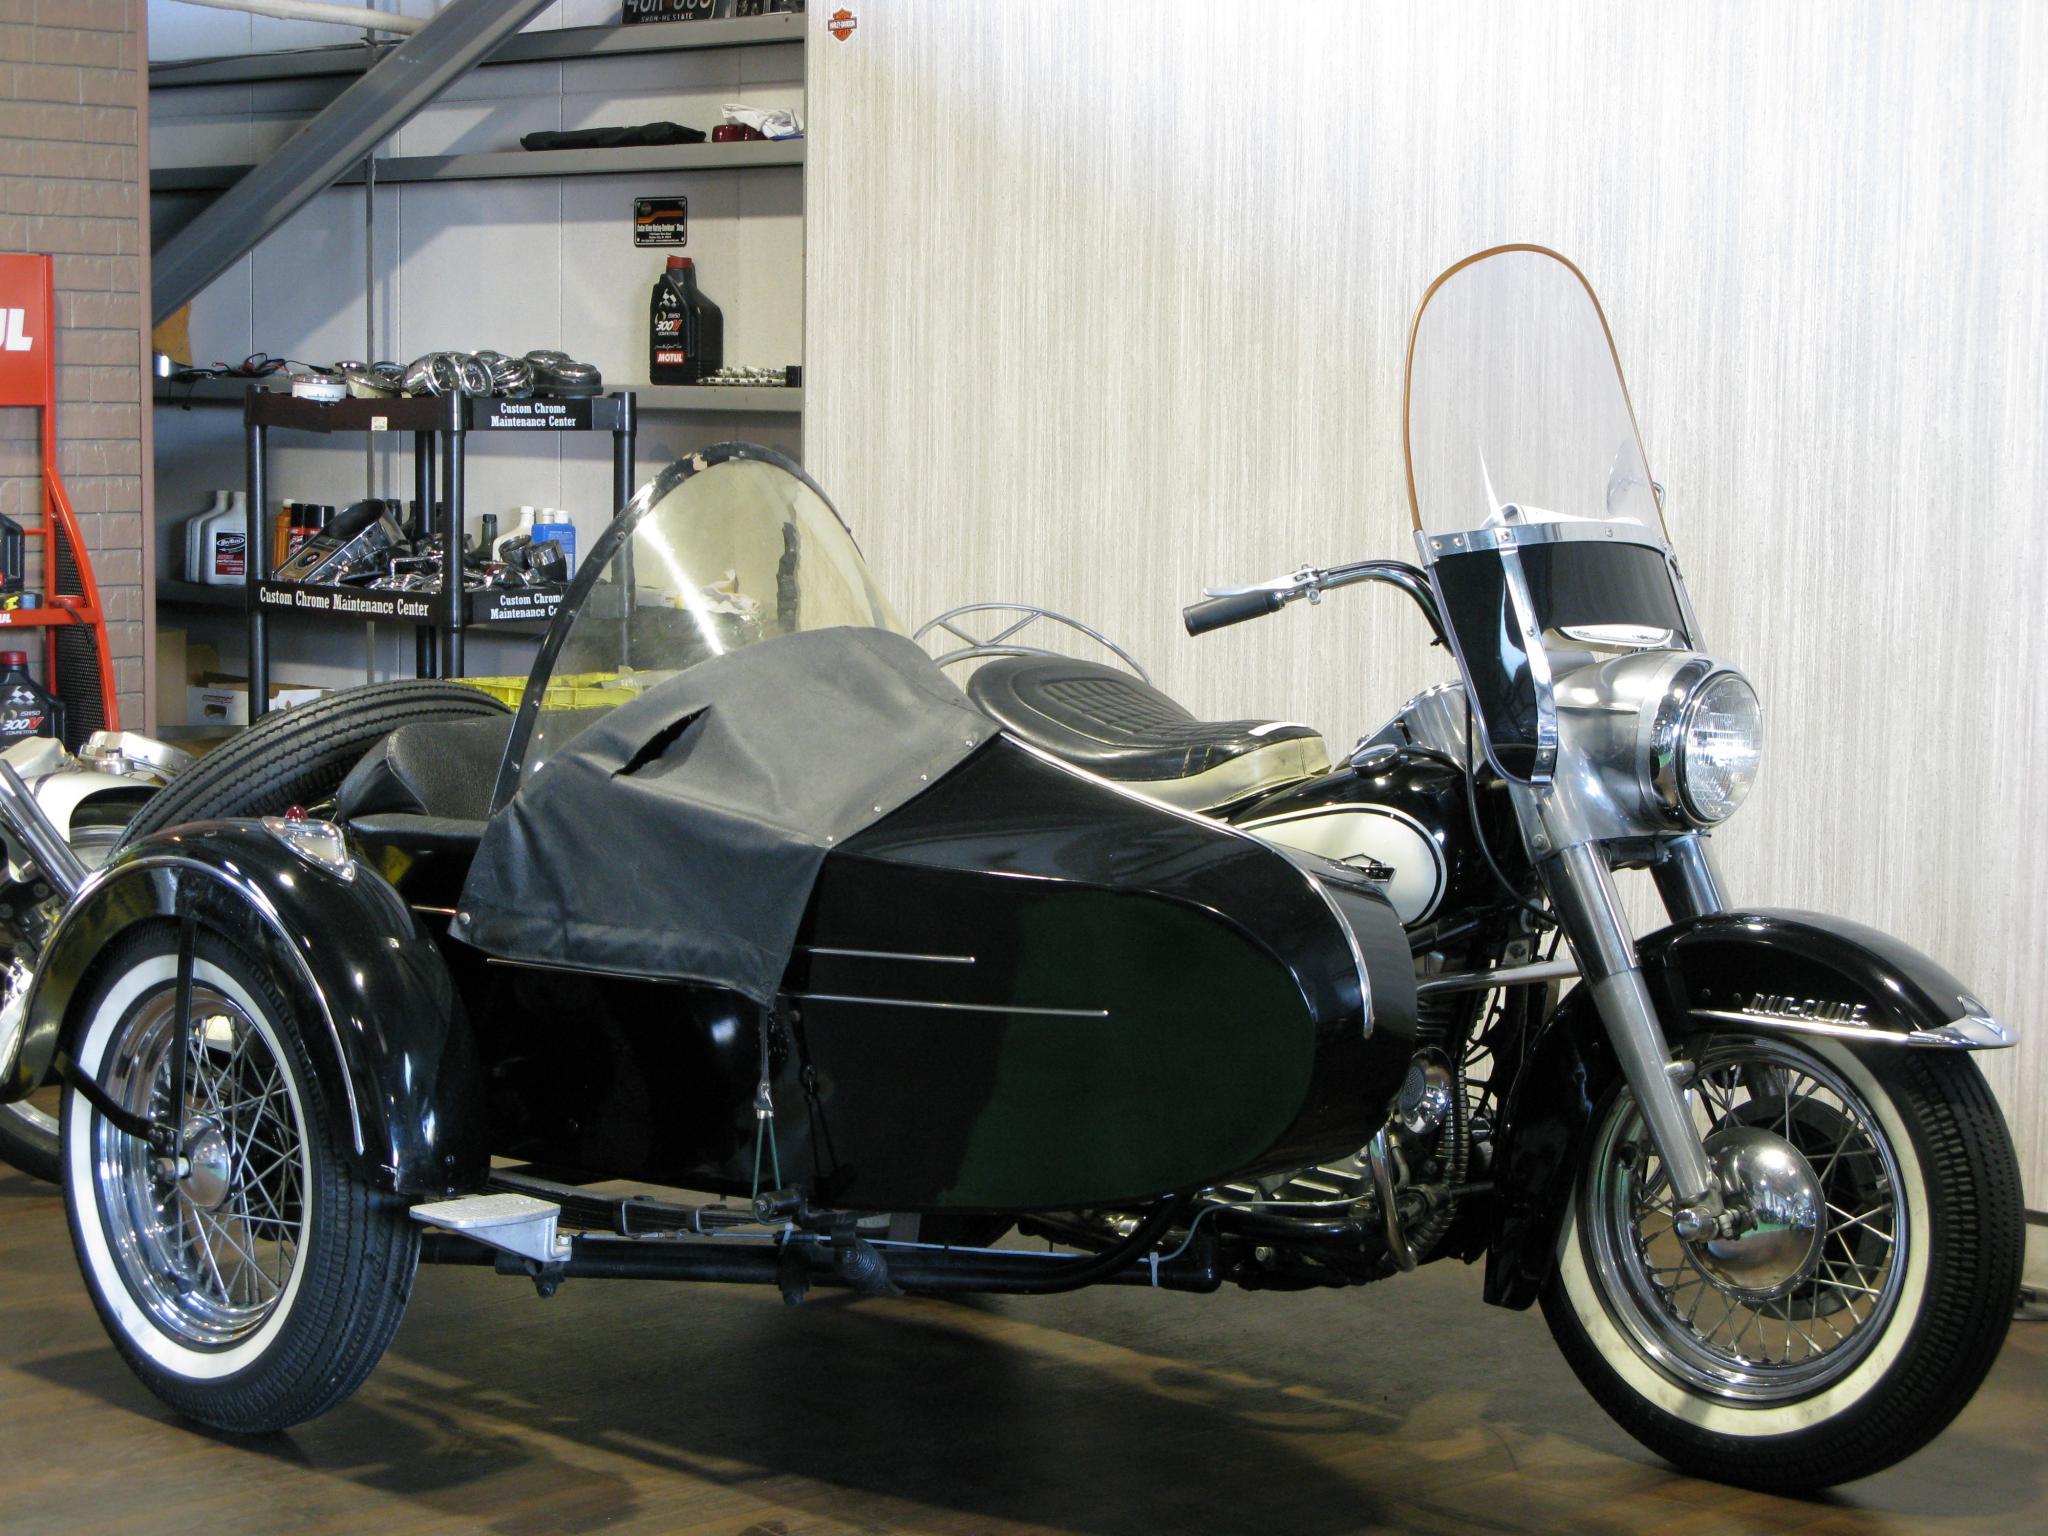 ハーレーダビッドソン 1964 FLH Duo Glide SC 車体写真1